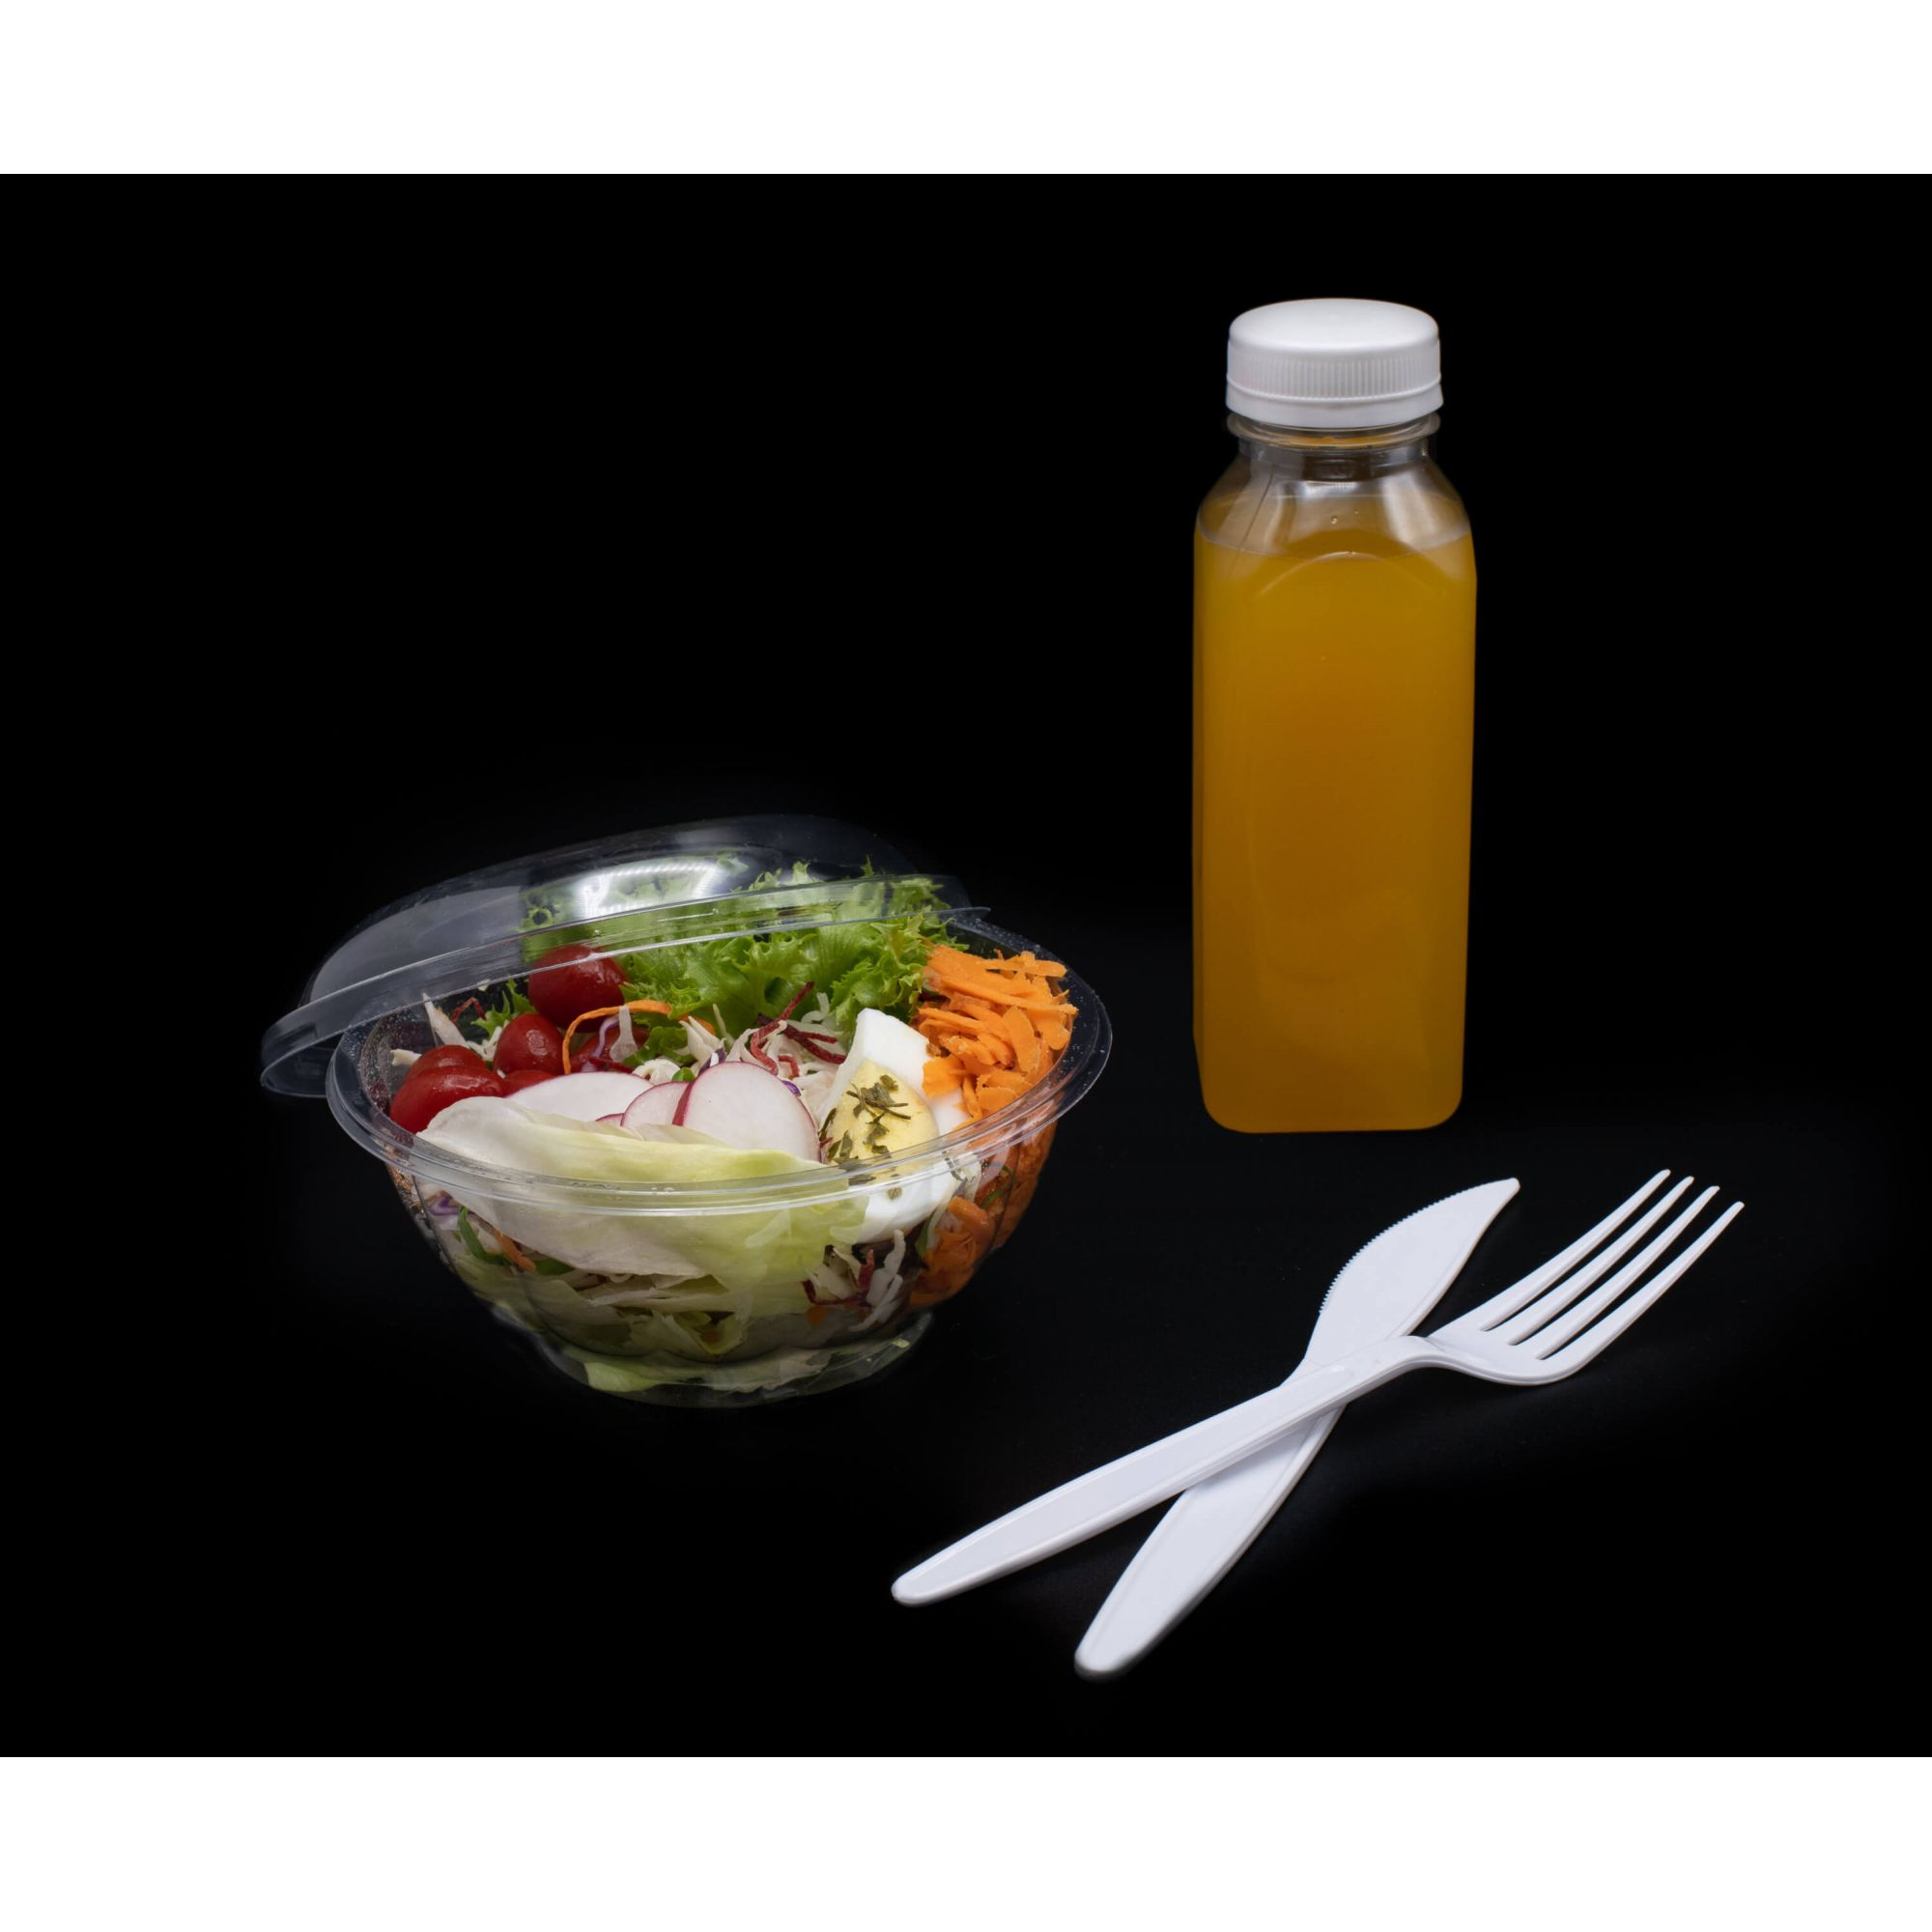 Embalagem bowl delivery salada, doce ou poke - Galvanotek G682